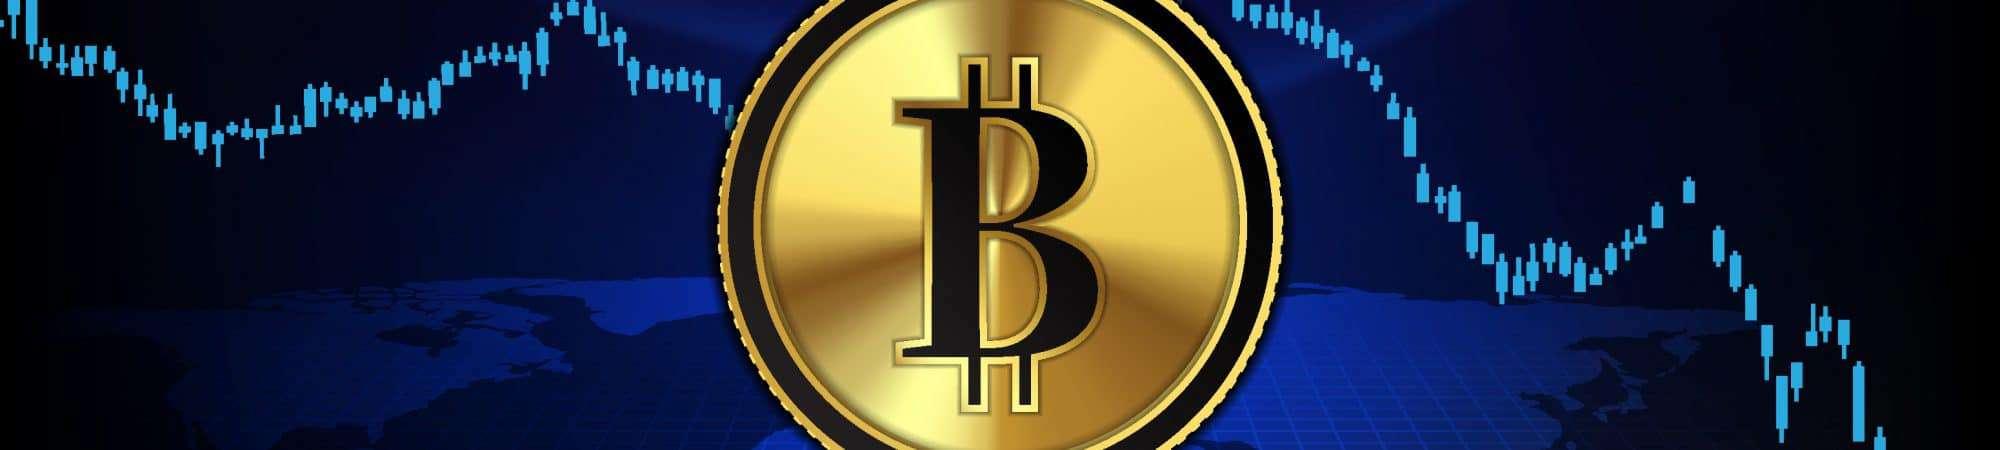 Bitcoin enfrenta queda acentuada